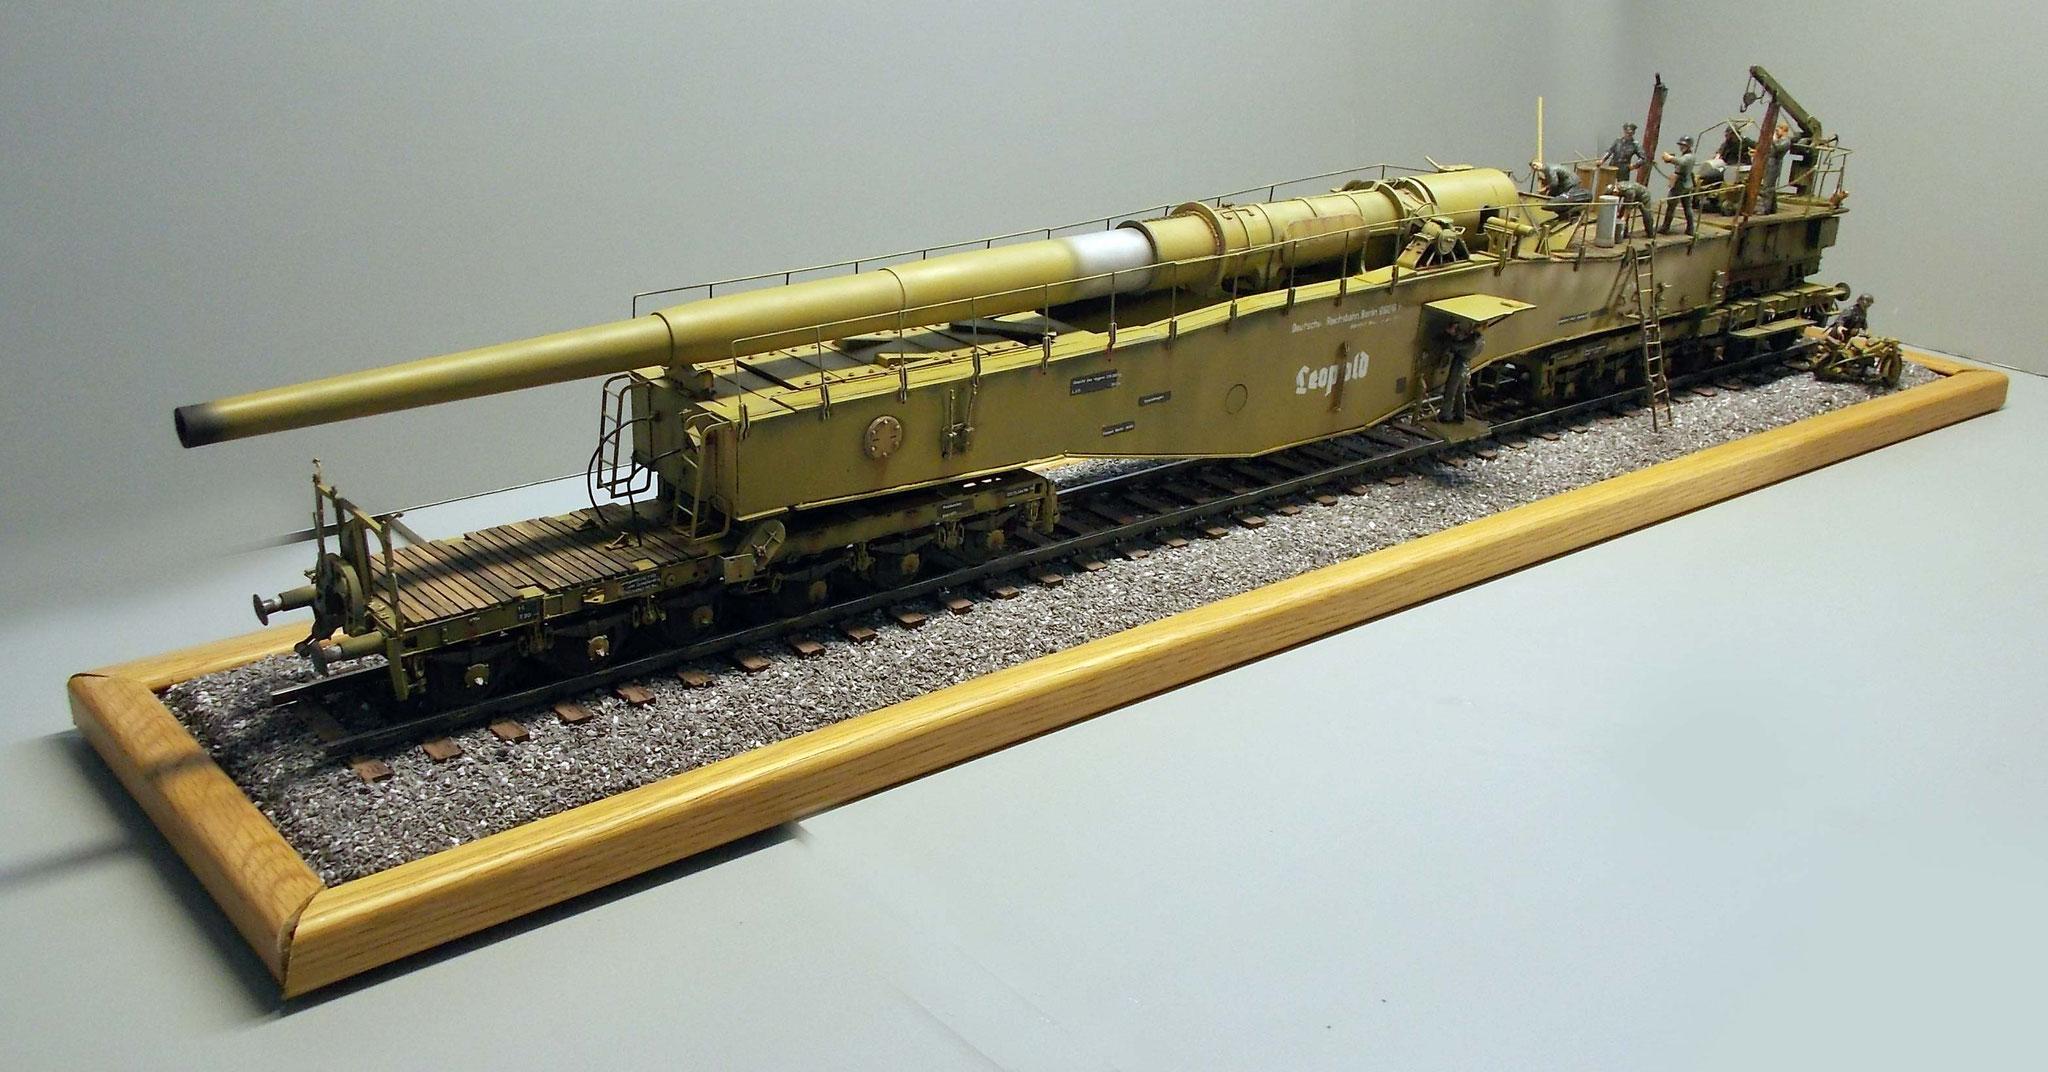 Eisenbahngeschütz dicke berta Dicke Bertha